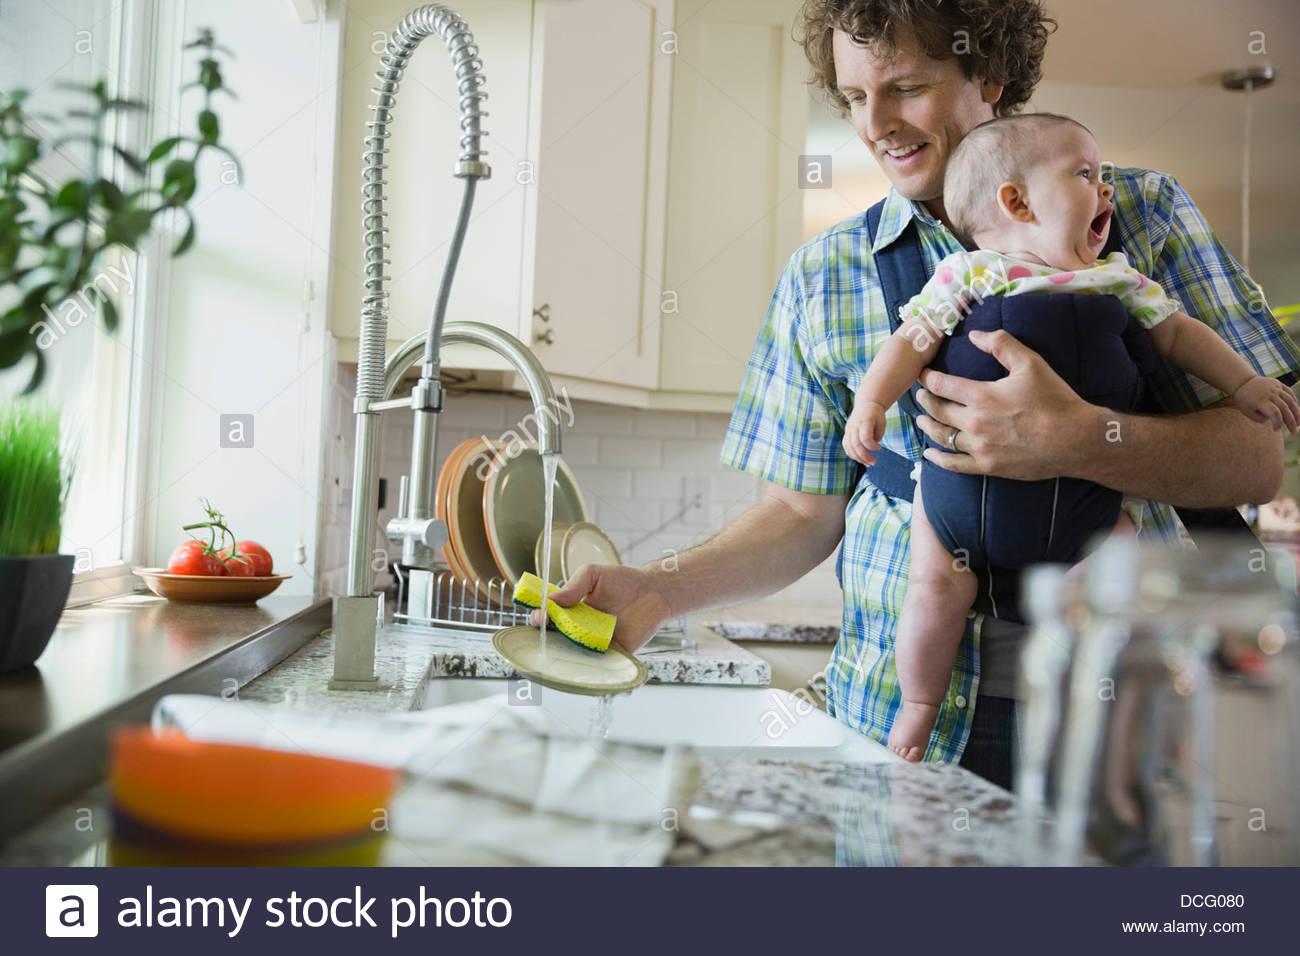 Vater beim Abwasch während des Tragens Babymädchen Stockbild